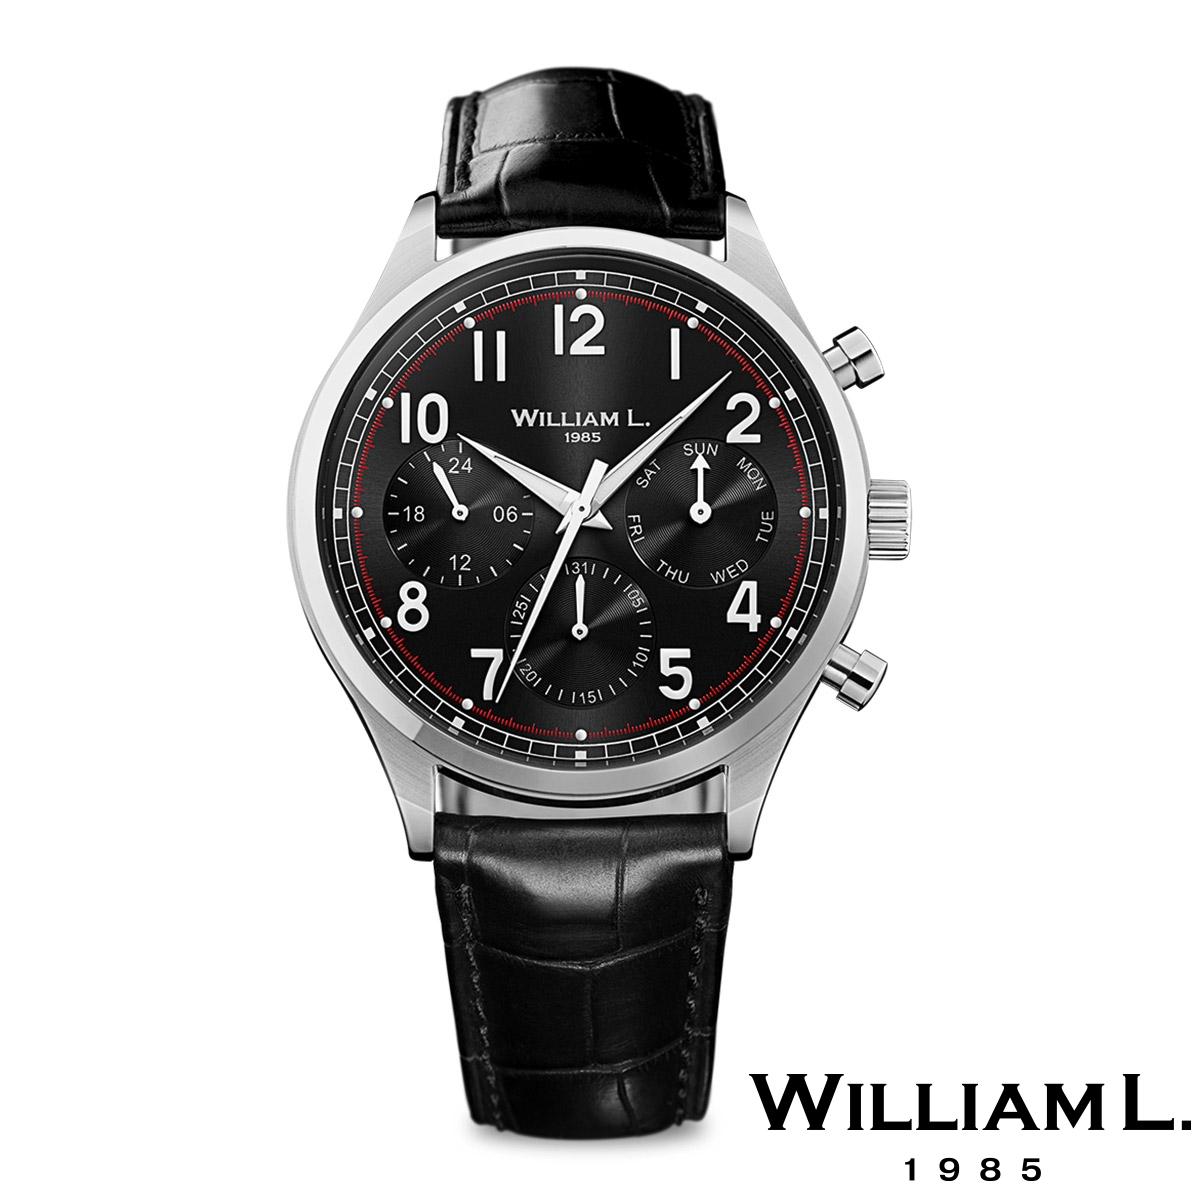 ウィリアムエル1985【WILLIAM L.1985】ヴィンテージスタイルカレンダー シルバー ケース ブラック ダイヤル ブラック クロコ - シルバー / 40mm